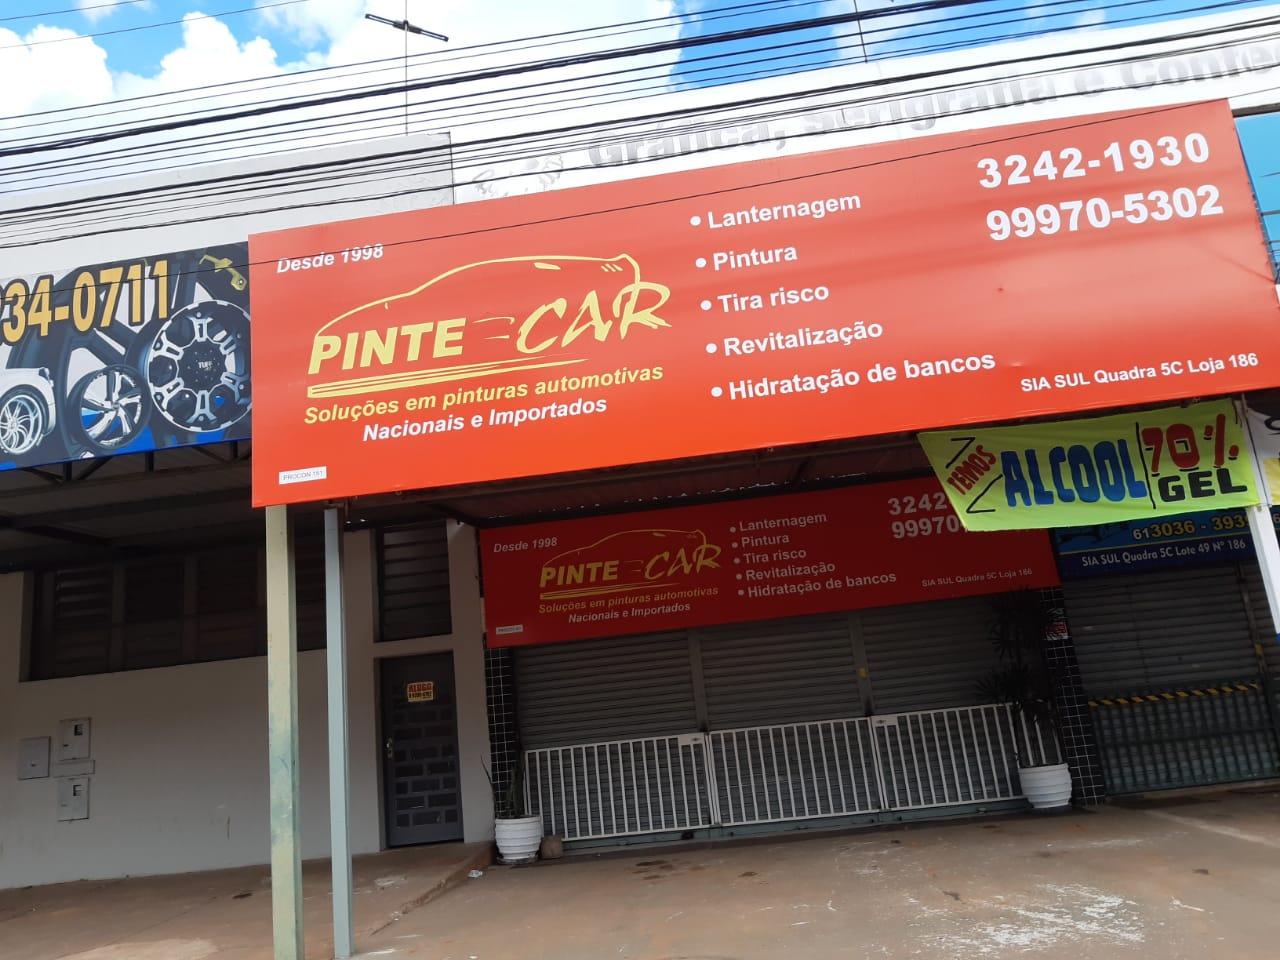 Pinte Car, Souções em pintura automotiva, Lanternagem, Pintura, tira risco, revitalização, SIA Trecho 5, Comercio Brasilia